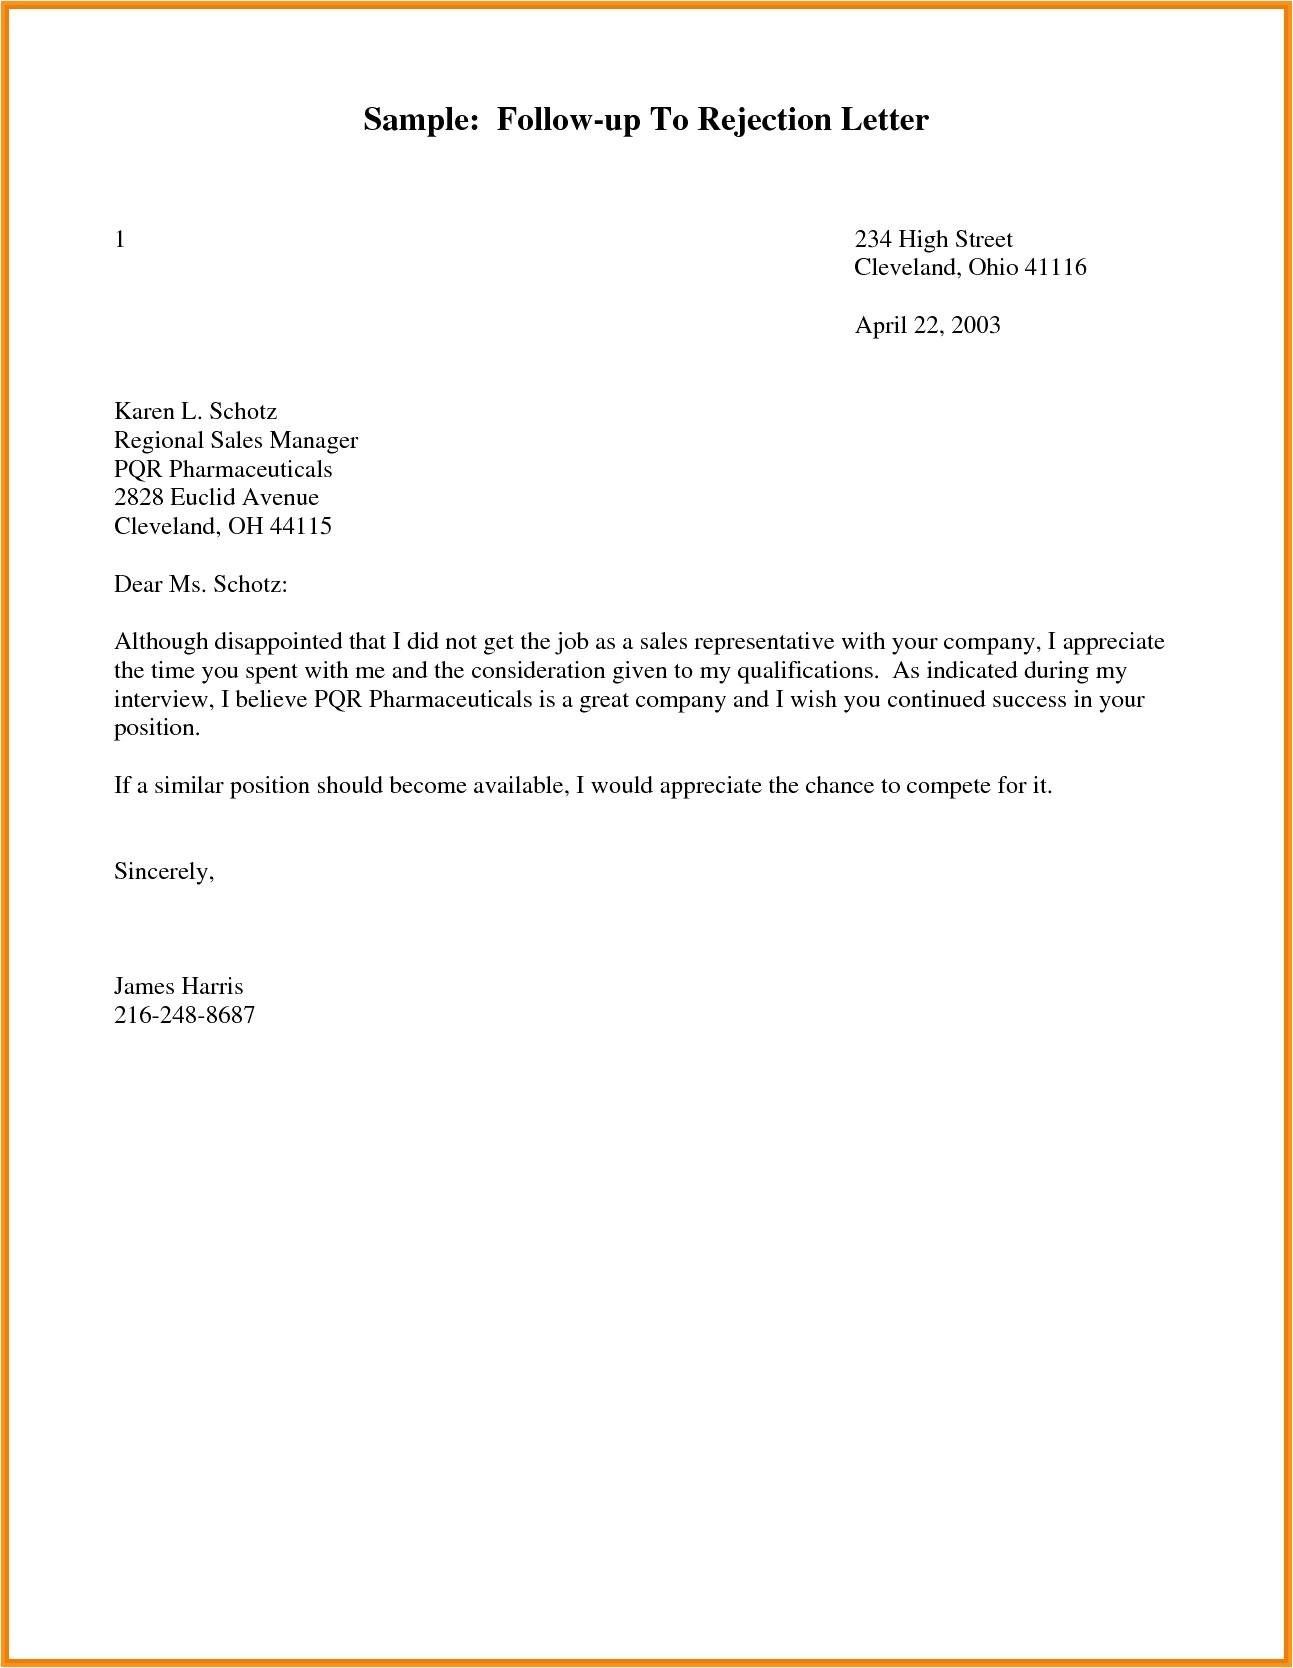 Template for Sending Resume Via Email 15 Lovely Sample format for Sending Resume Through Email